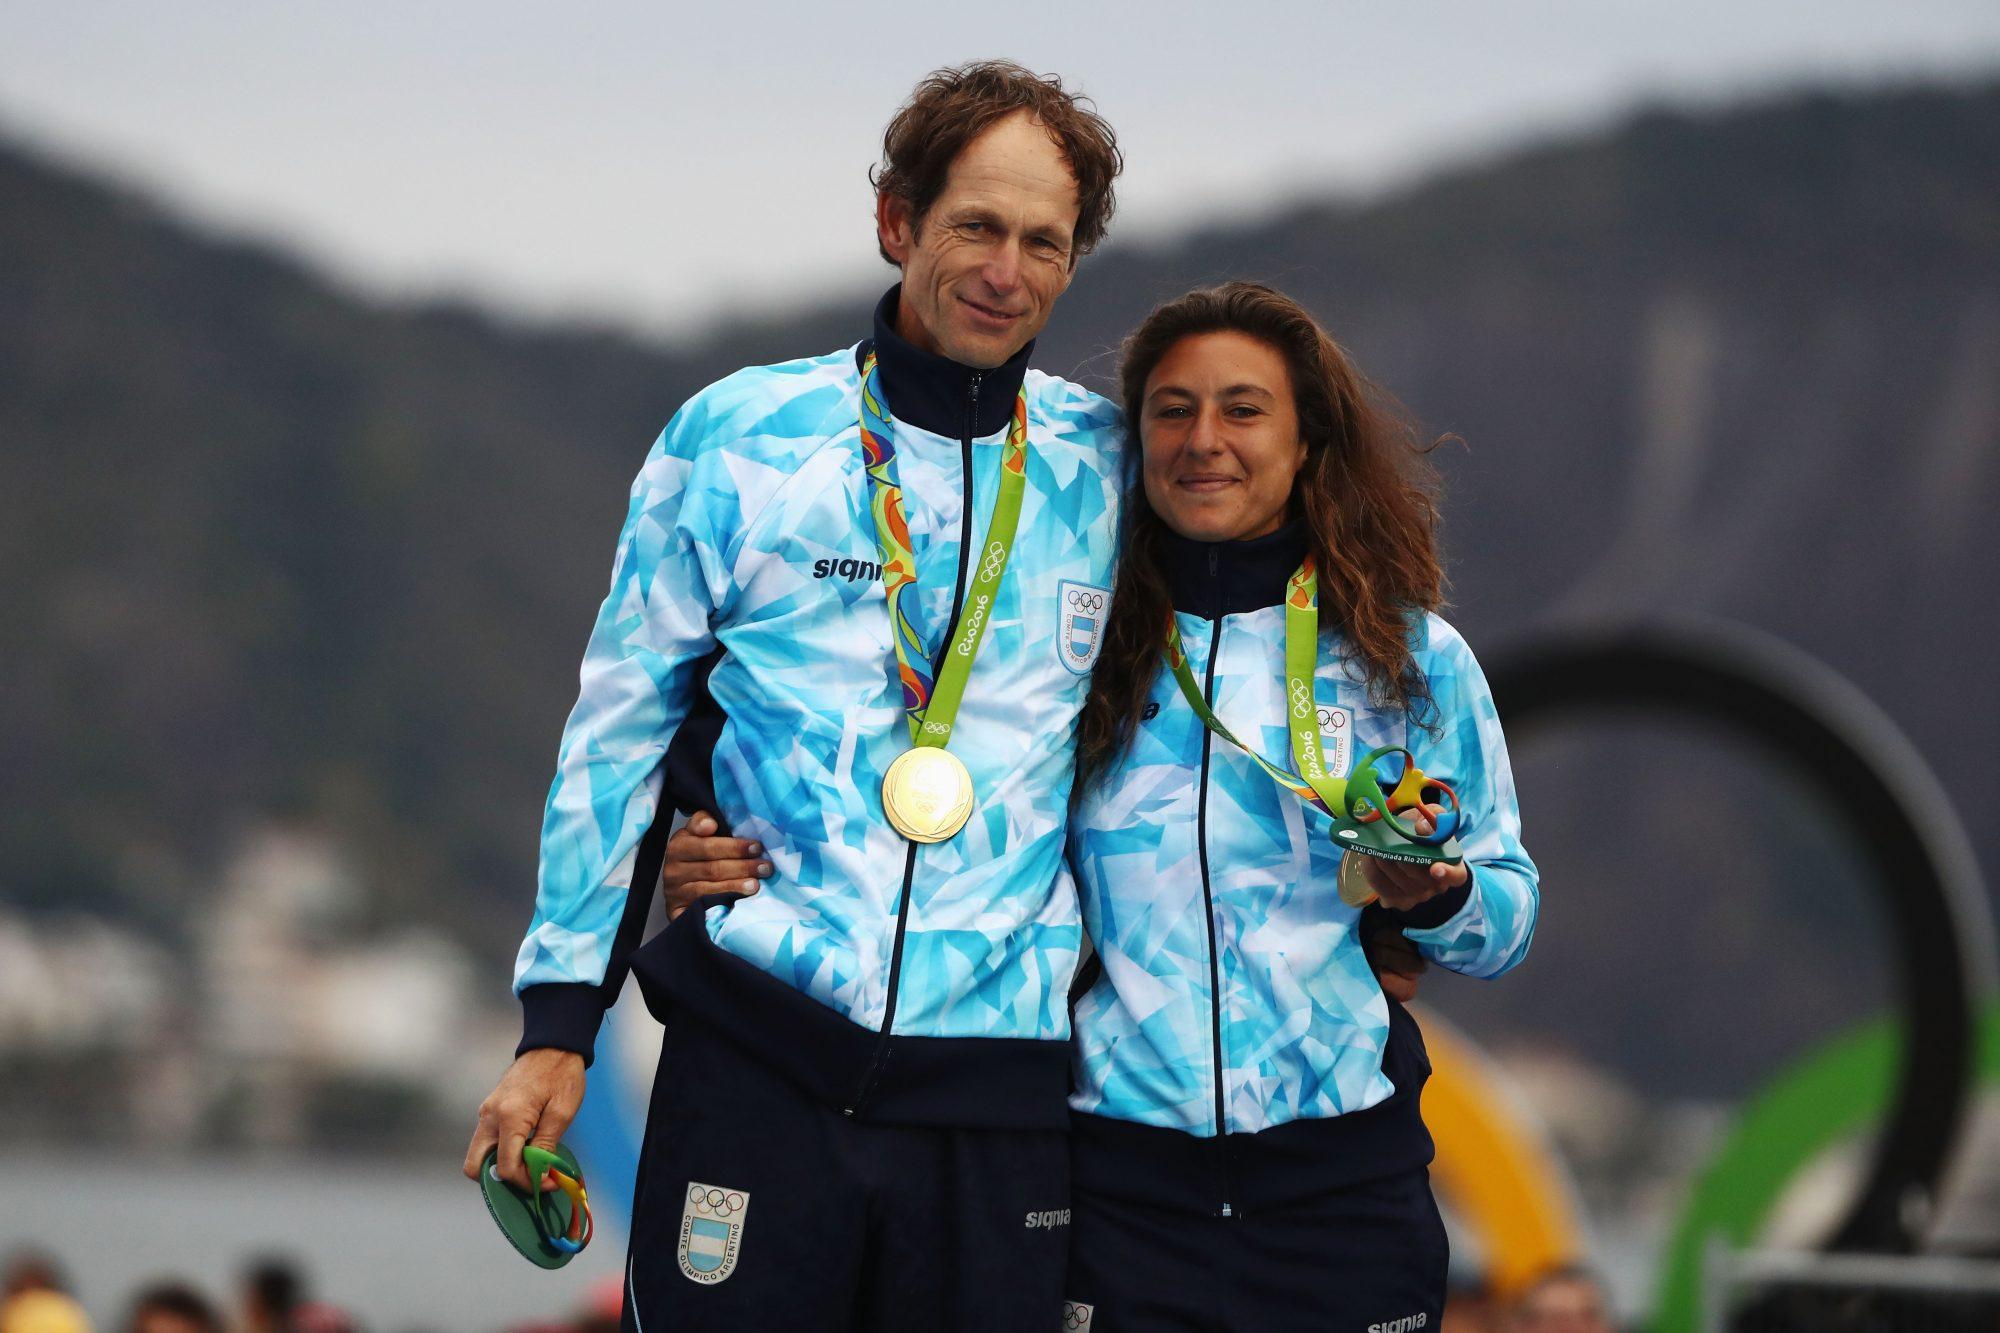 En Río 2016, su sexta participación en unos Juegos Olímpicos, el regatista argentino logró ganar su primera medalla de oro. Con esta completó un total de tres medallas, ya que en Atenas 2004 y Pekín 2008 logró ganar medallas de bronce.